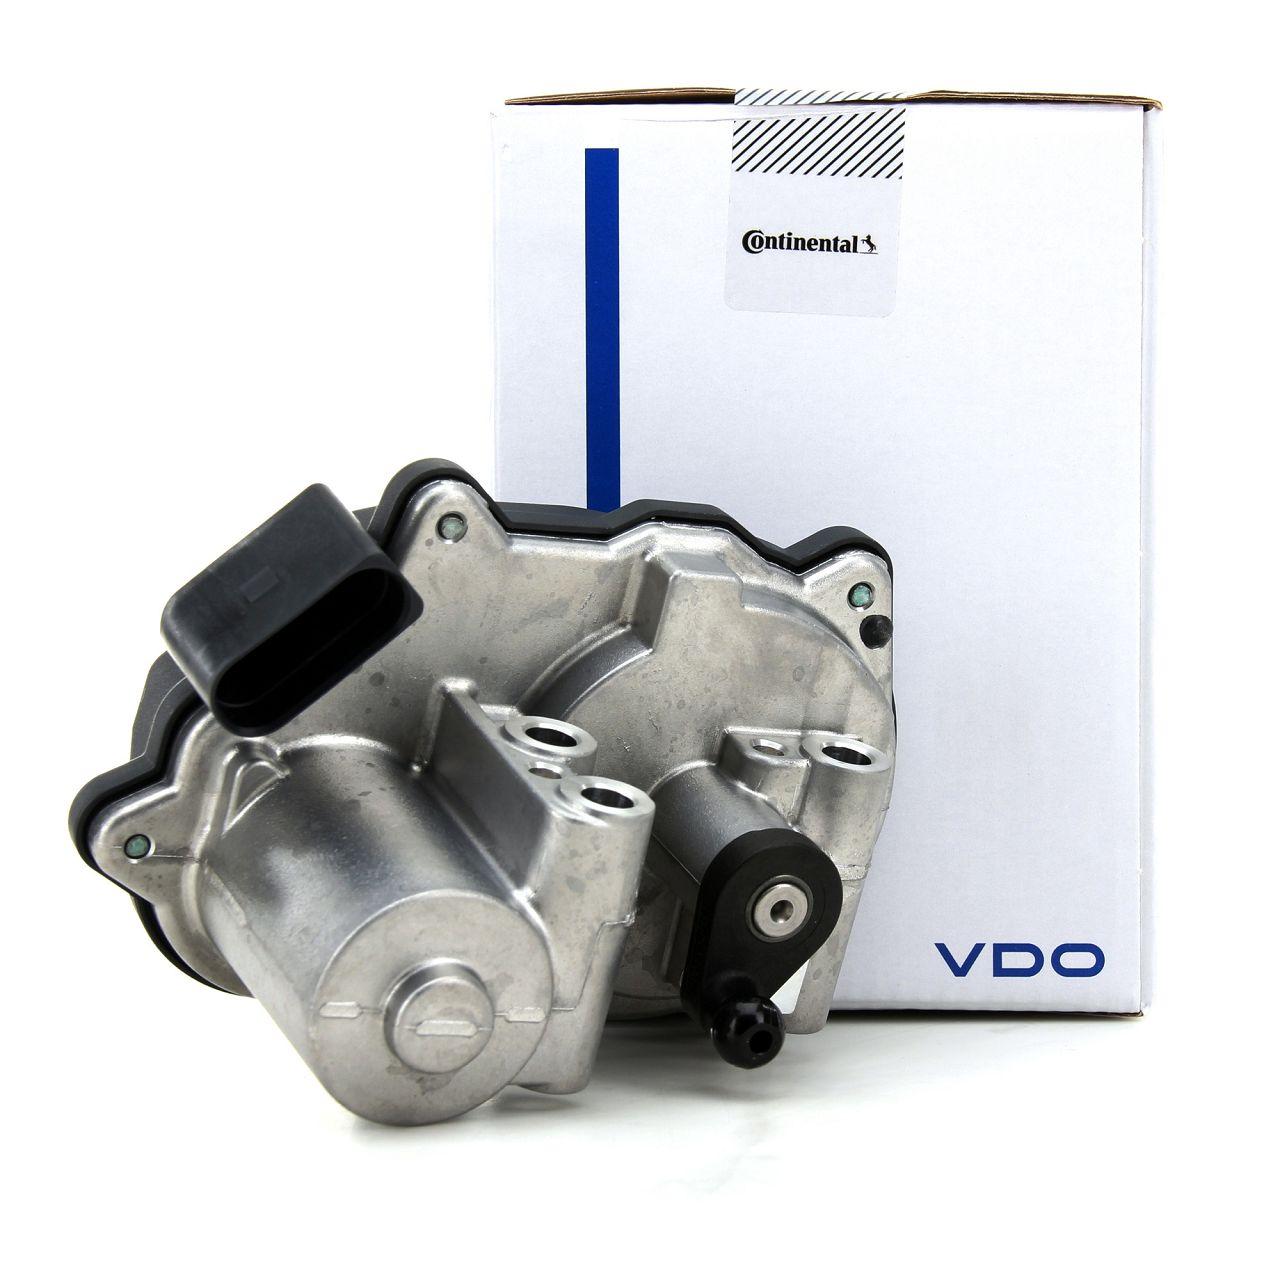 VDO A2C59506246 Luftklappensteller Stellmotor Drallklappen AUDI SEAT SKODA VW 2.0 TDI